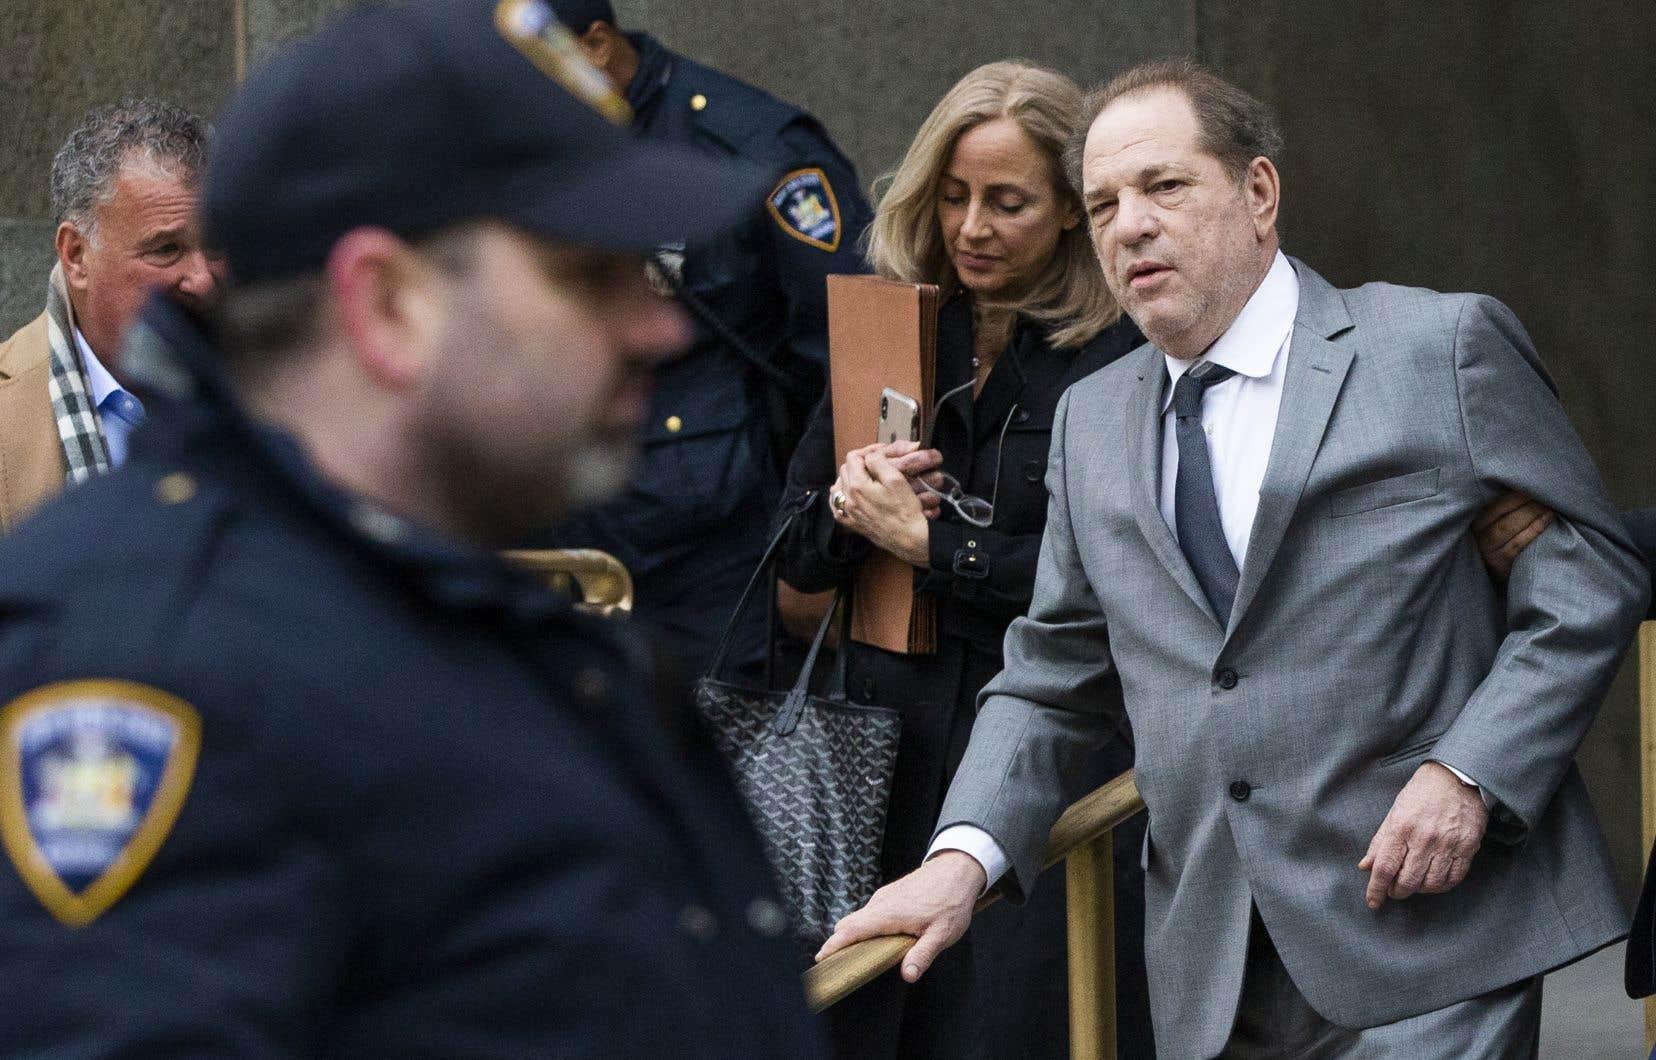 Depuis sa première inculpation en mai 2018, Harvey Weinstein est resté libre moyennant un million de dollars de caution, le port d'un bracelet électronique et la confiscation de son passeport.